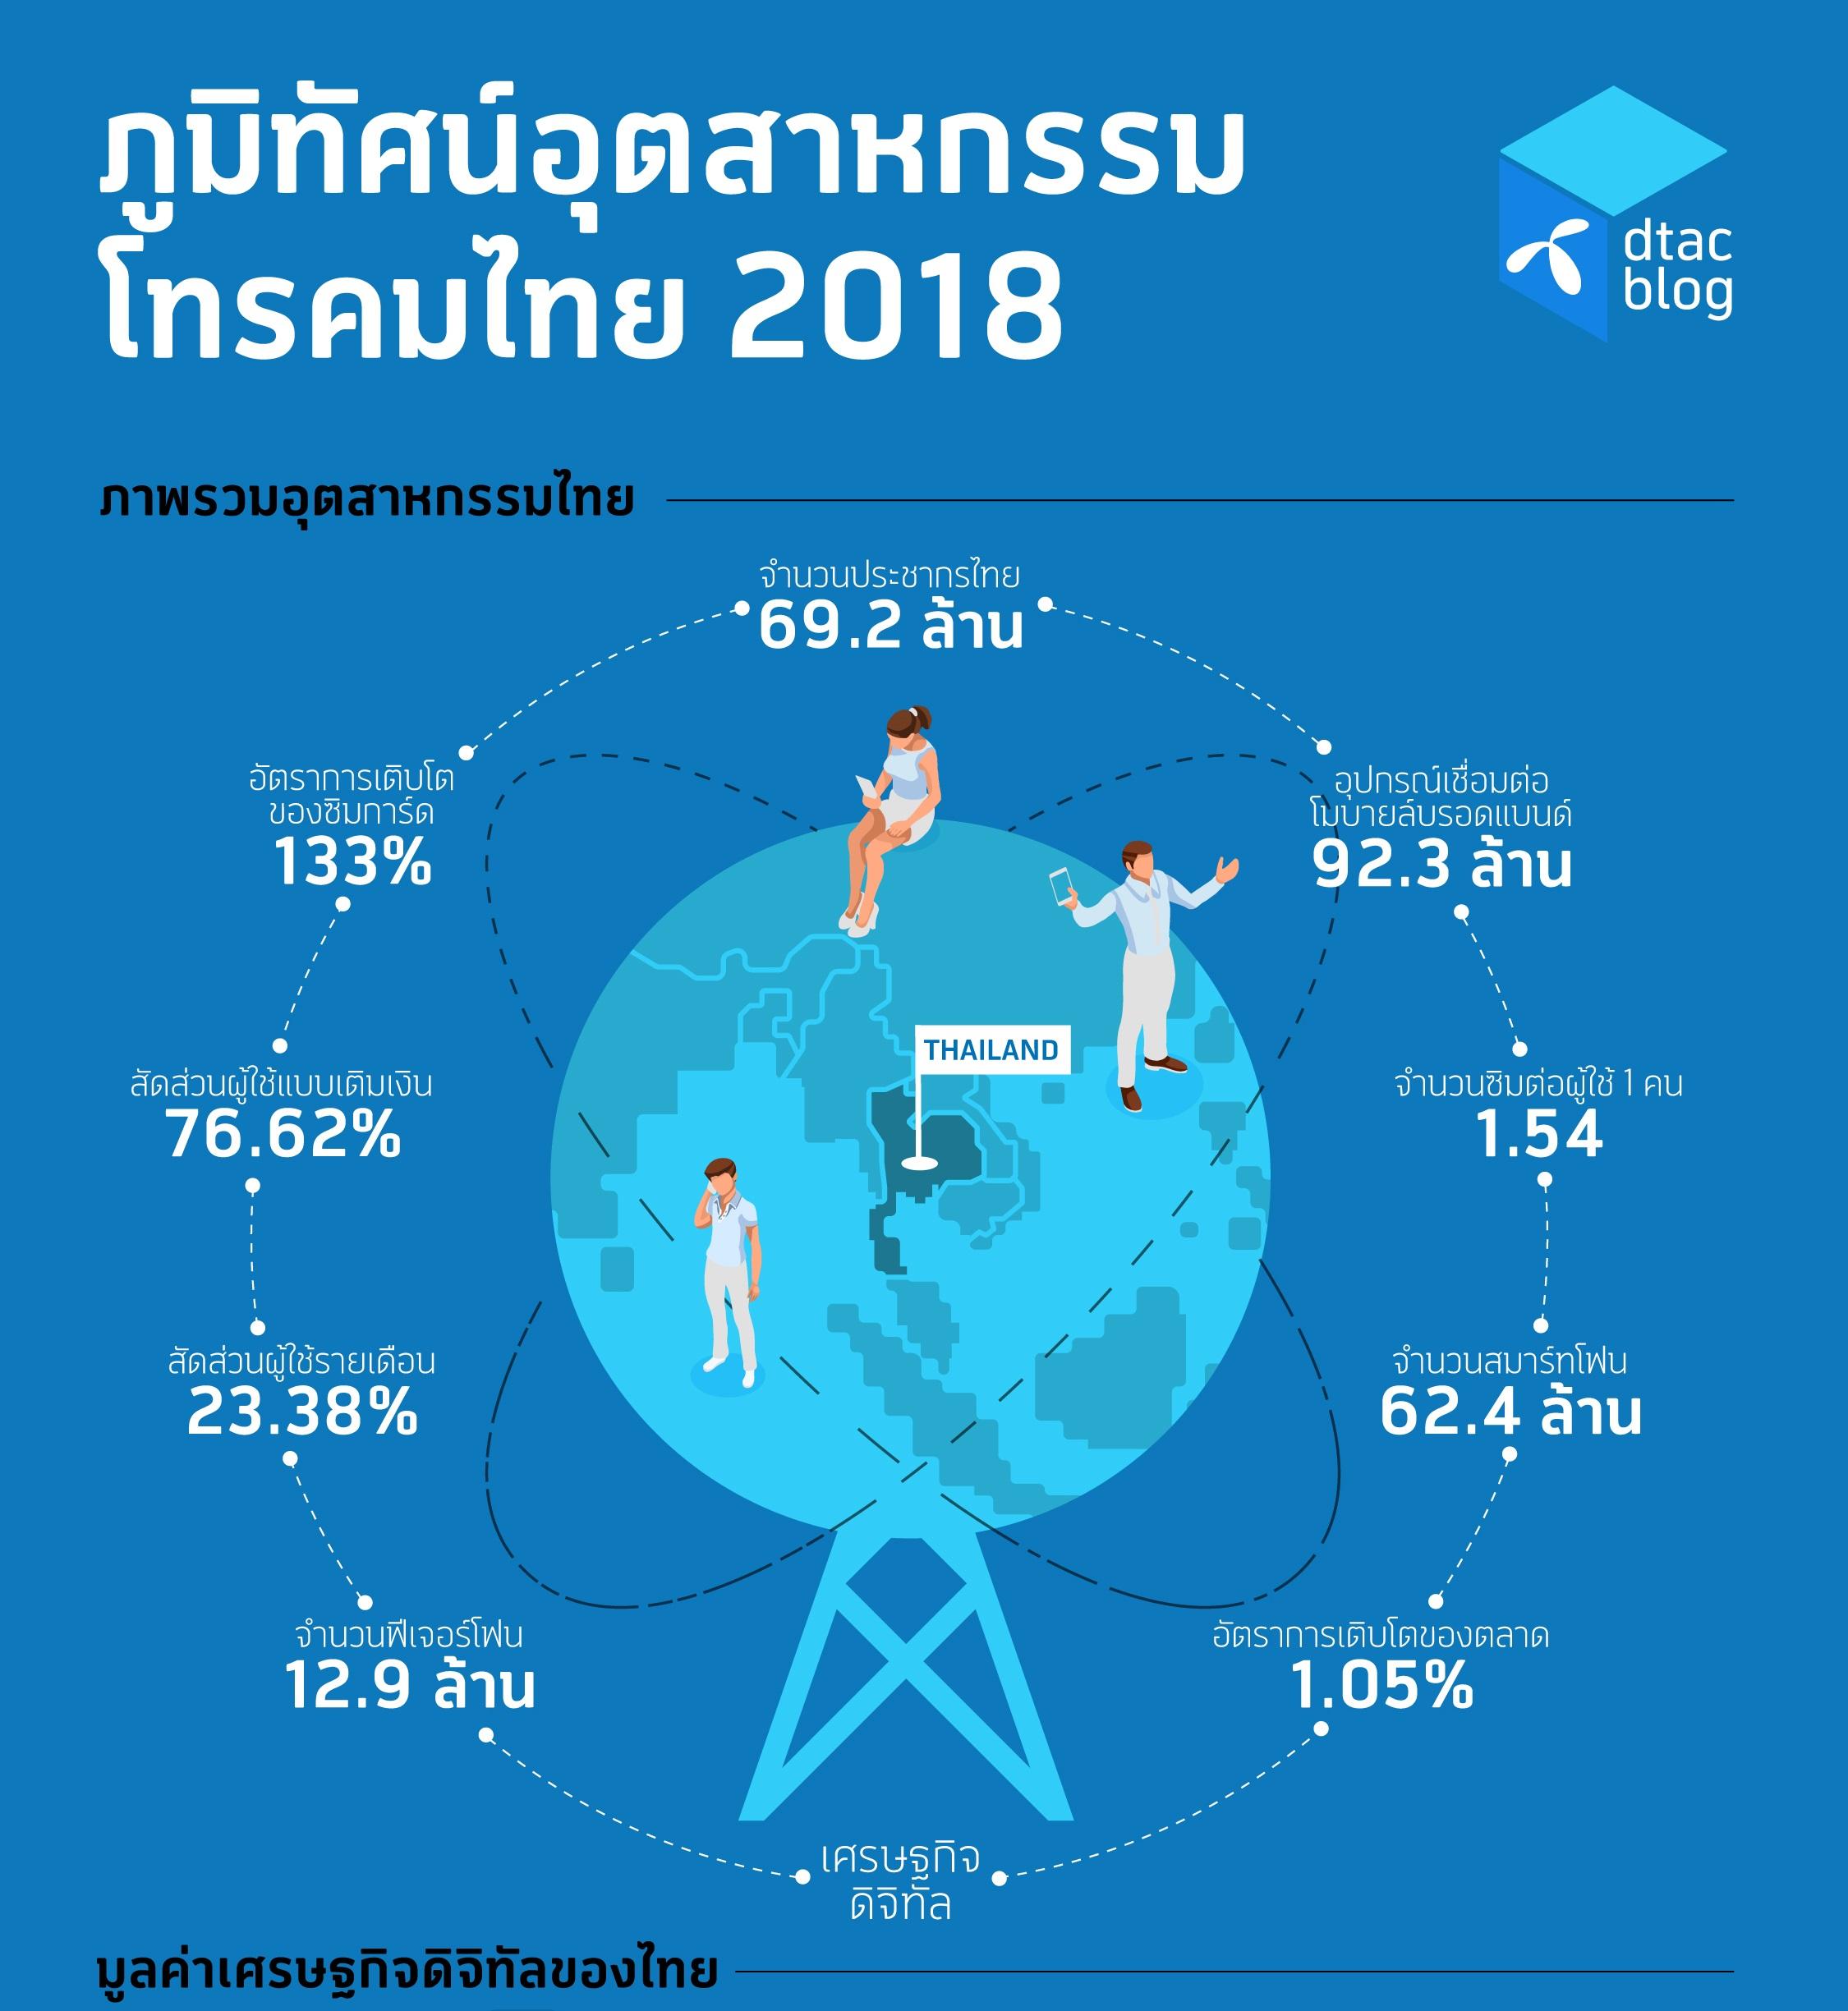 ที่มา : https://dtacblog.co/story-th/thai-telecom-at-a-glance-2018-th/